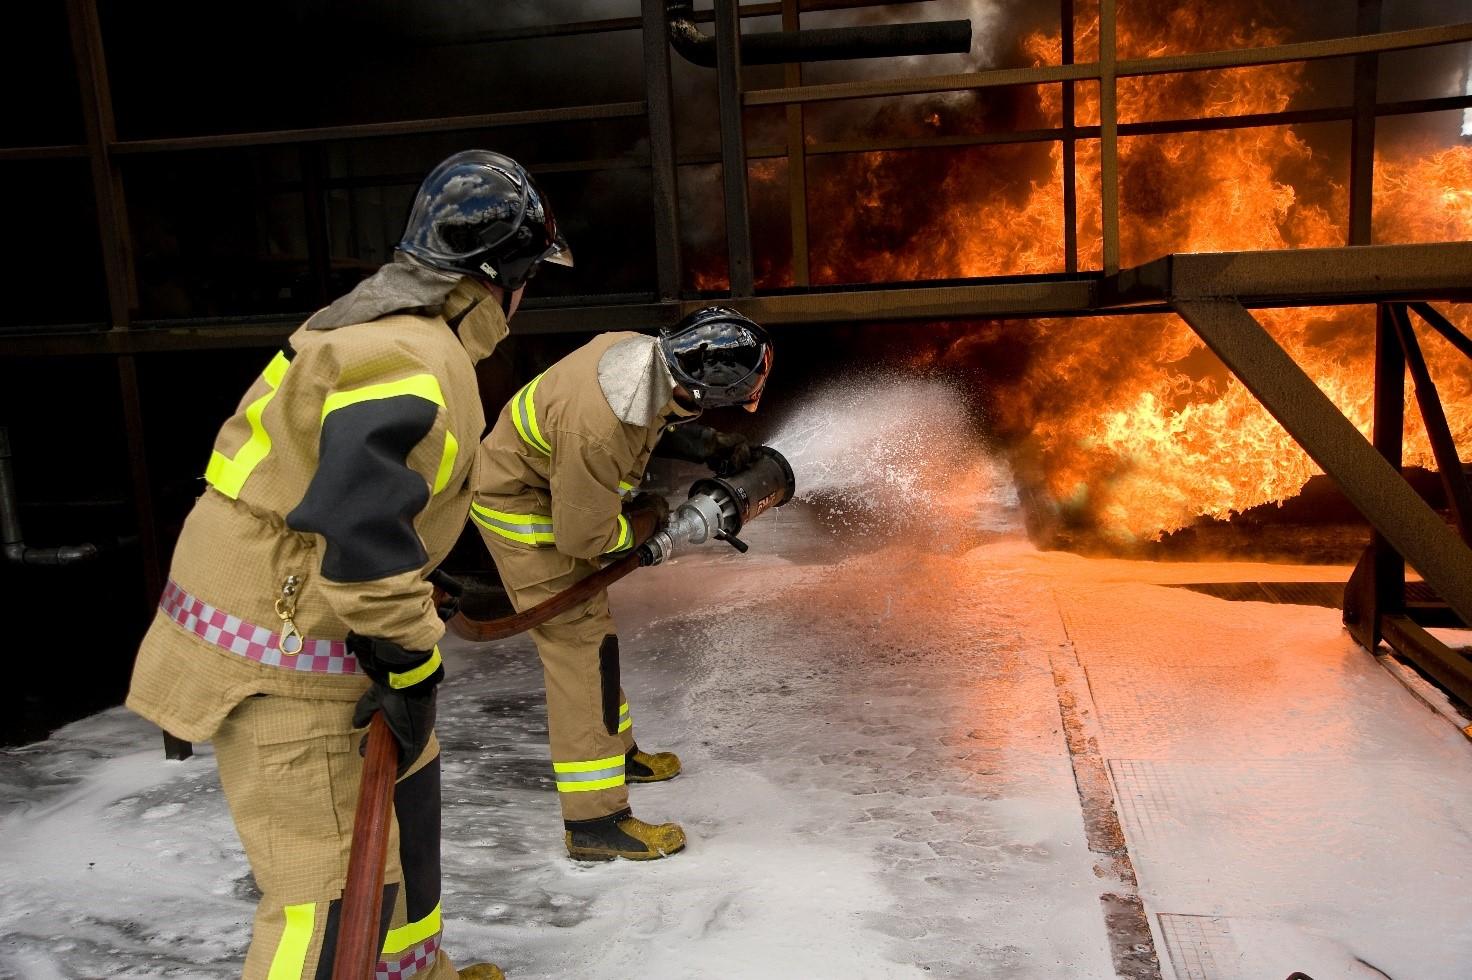 Vil fremtidens brandkatastrofe være anderledes end i dag?